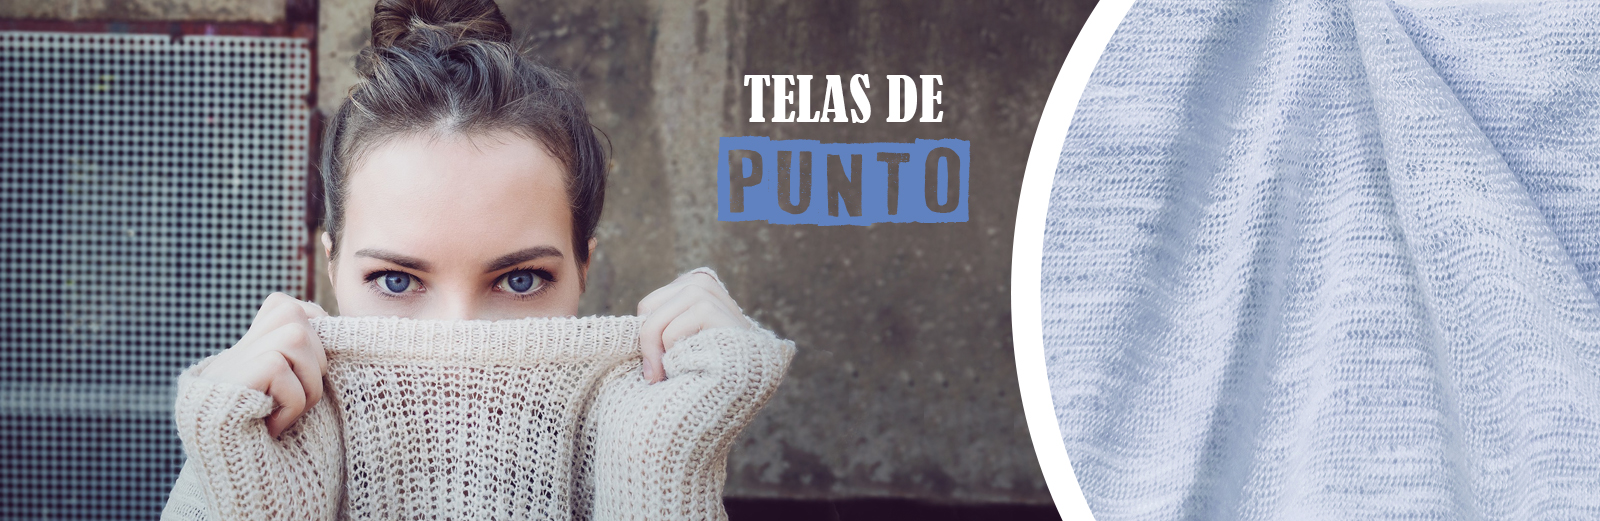 TELAS DE PUNTO